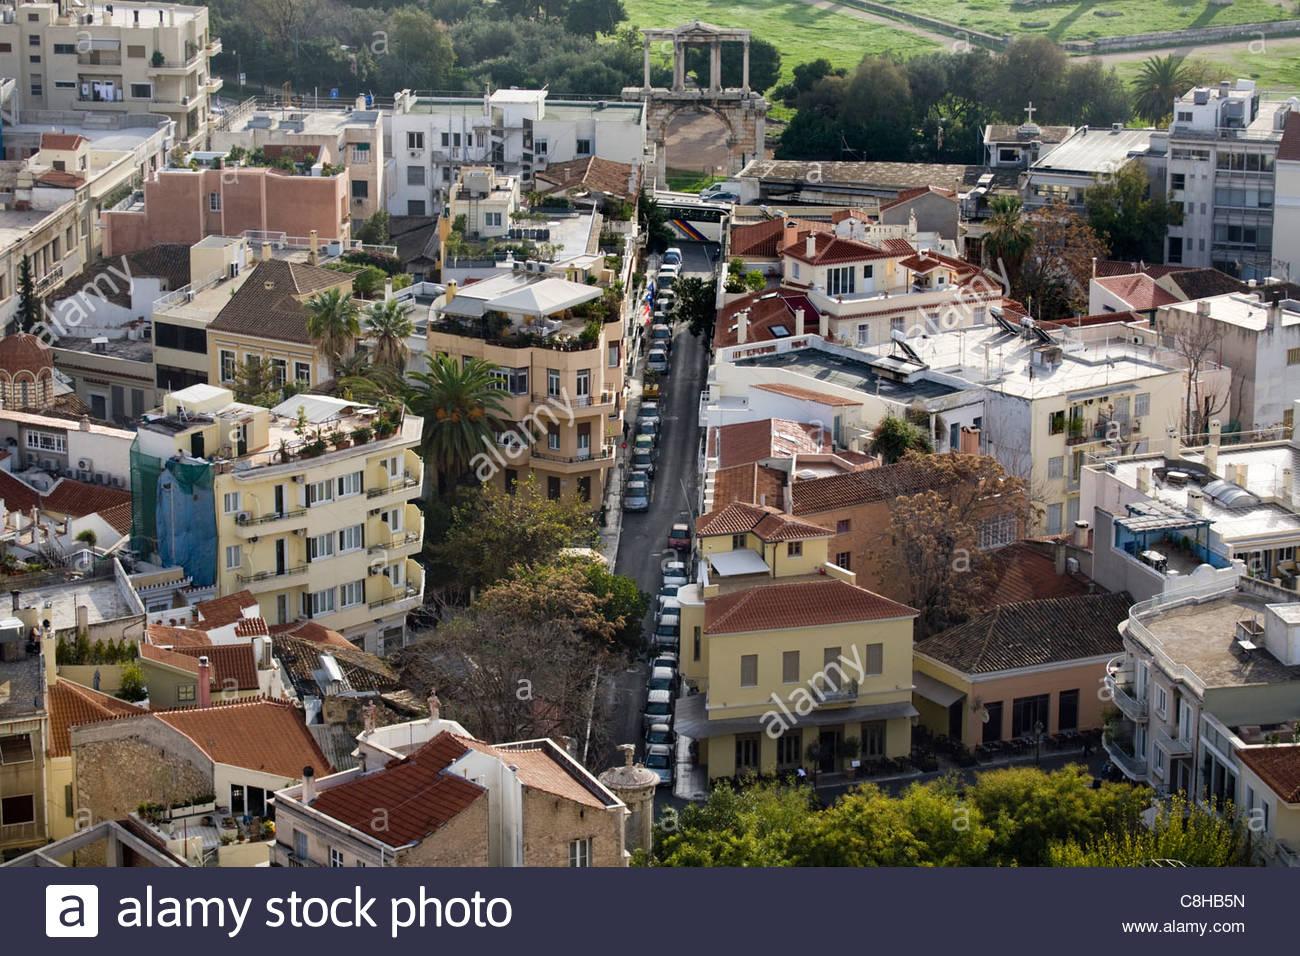 L'affascinante e popolare quartiere di Plaka sezione del centro di Atene. Immagini Stock